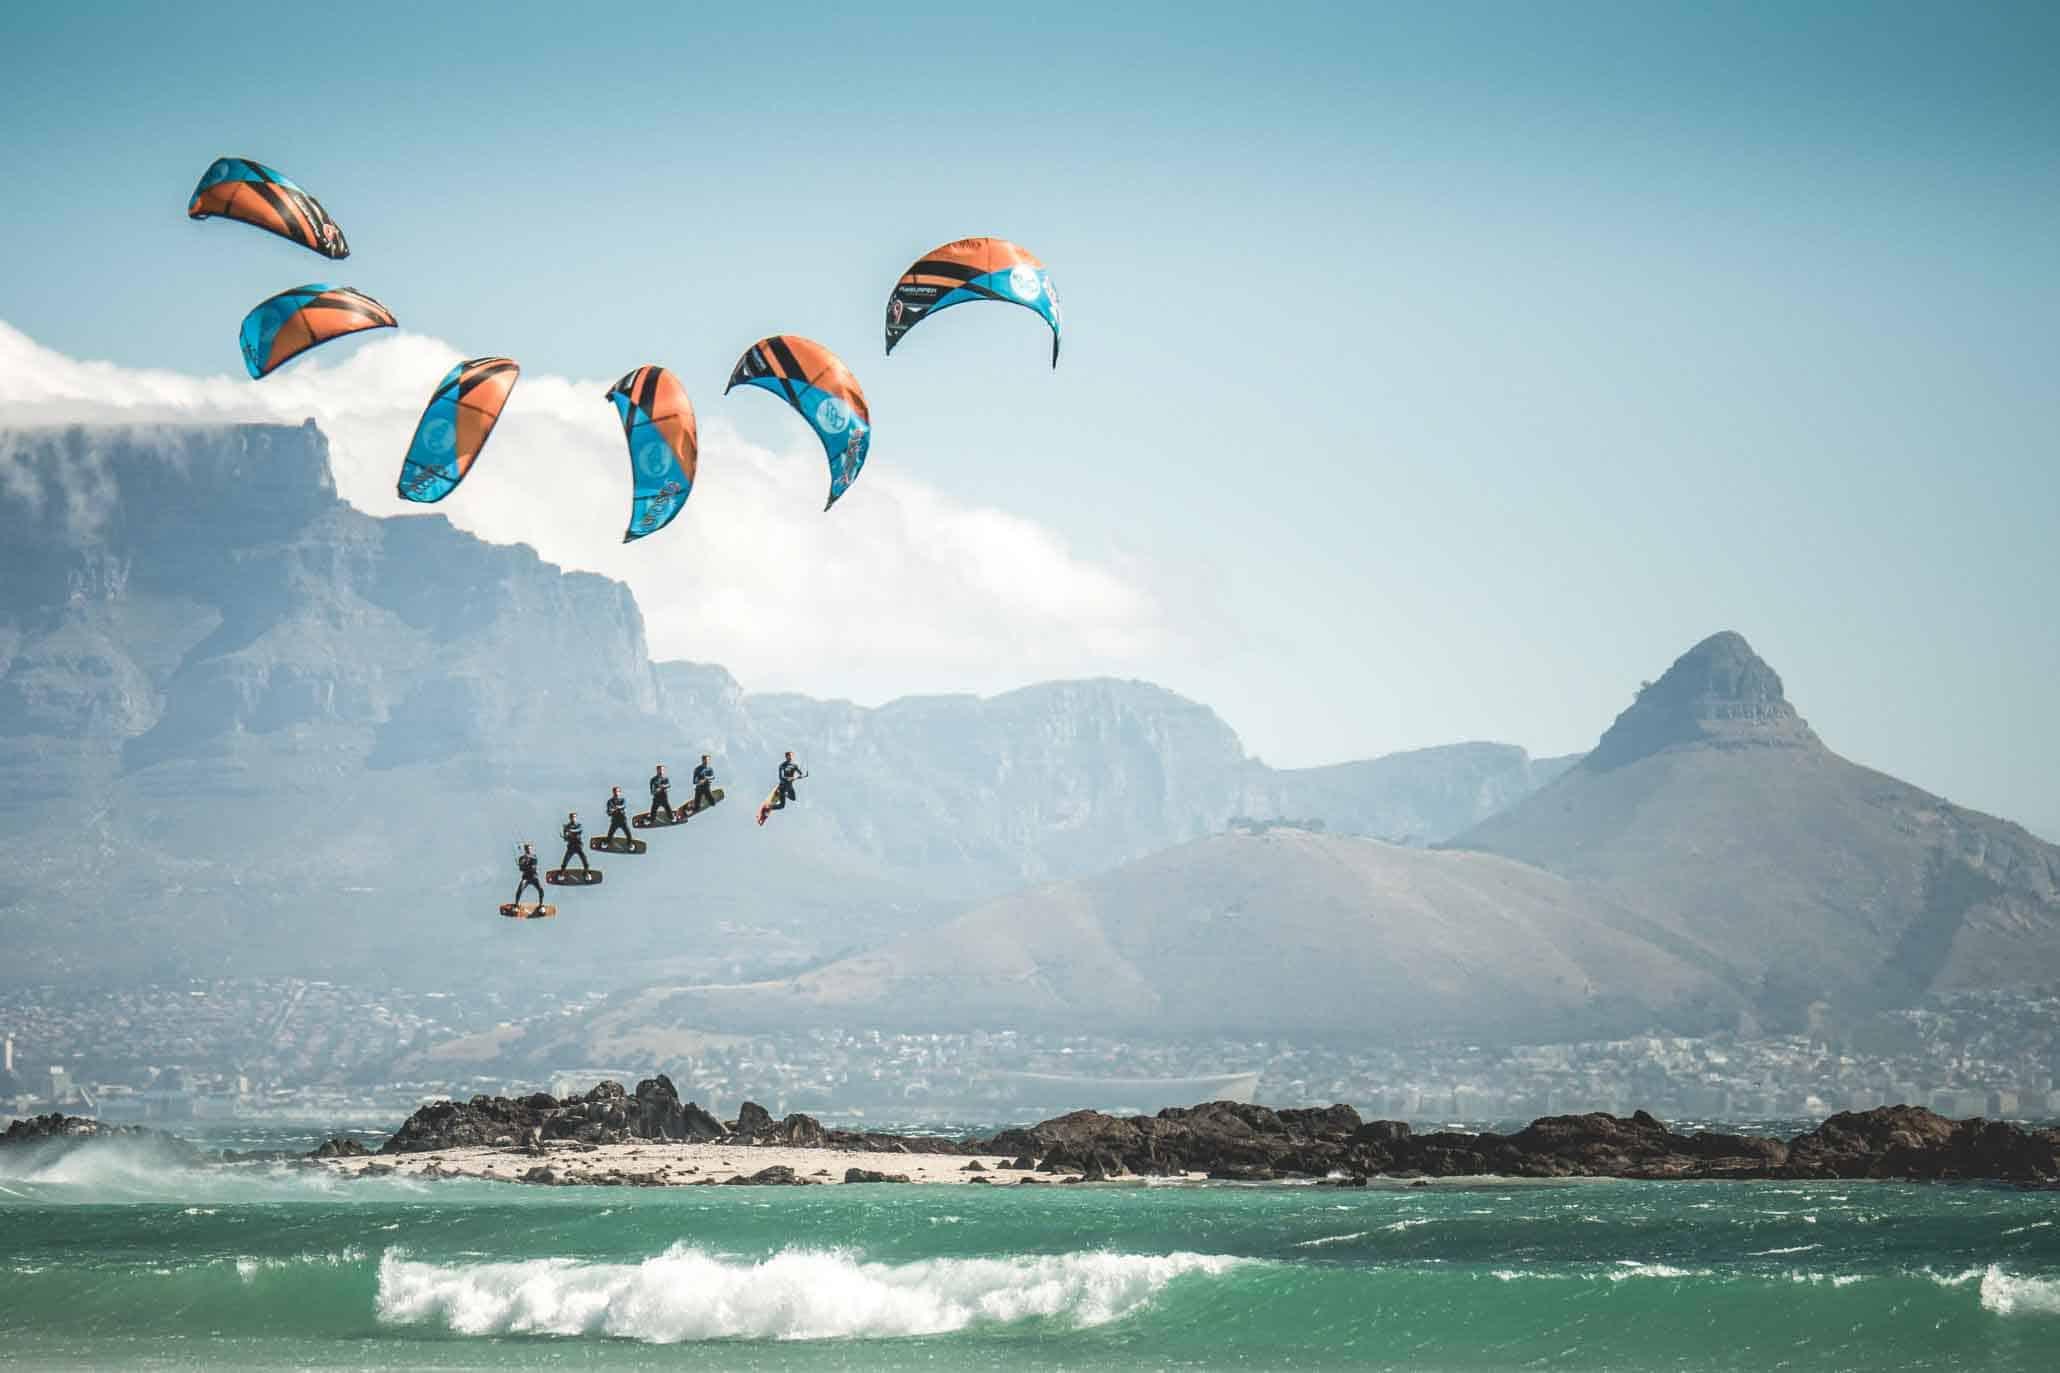 Pro Kitesurfer- Arne